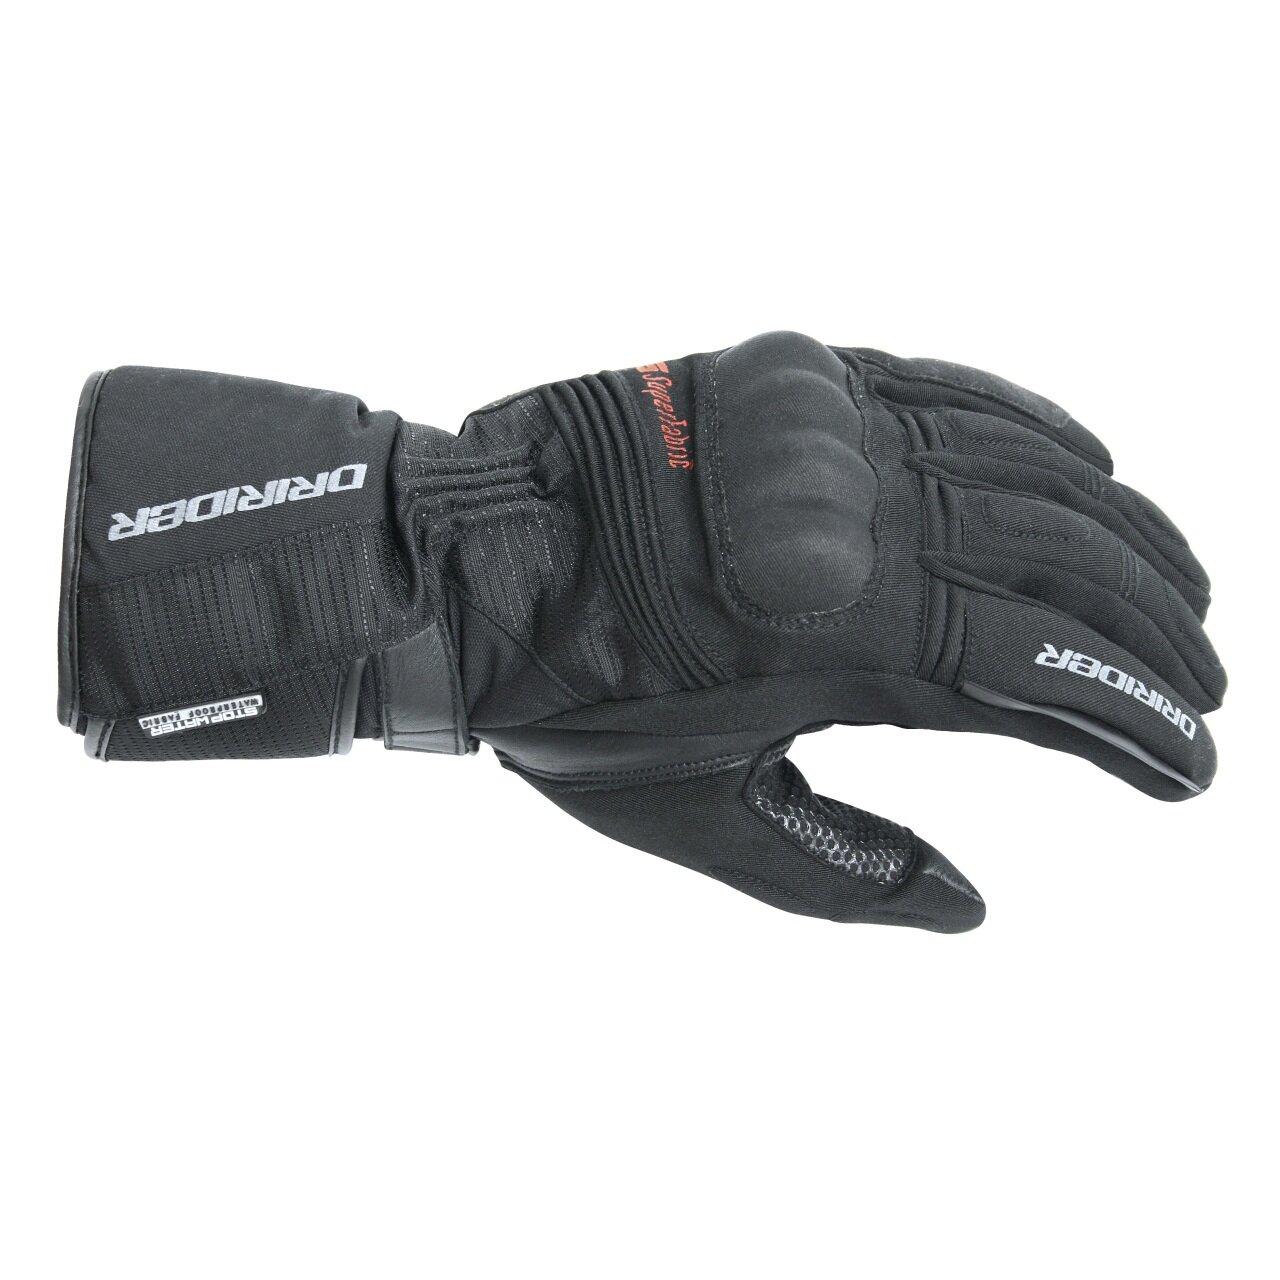 Best motorcycle gloves nz - Dririder Adventure 2 Gloves Ladies